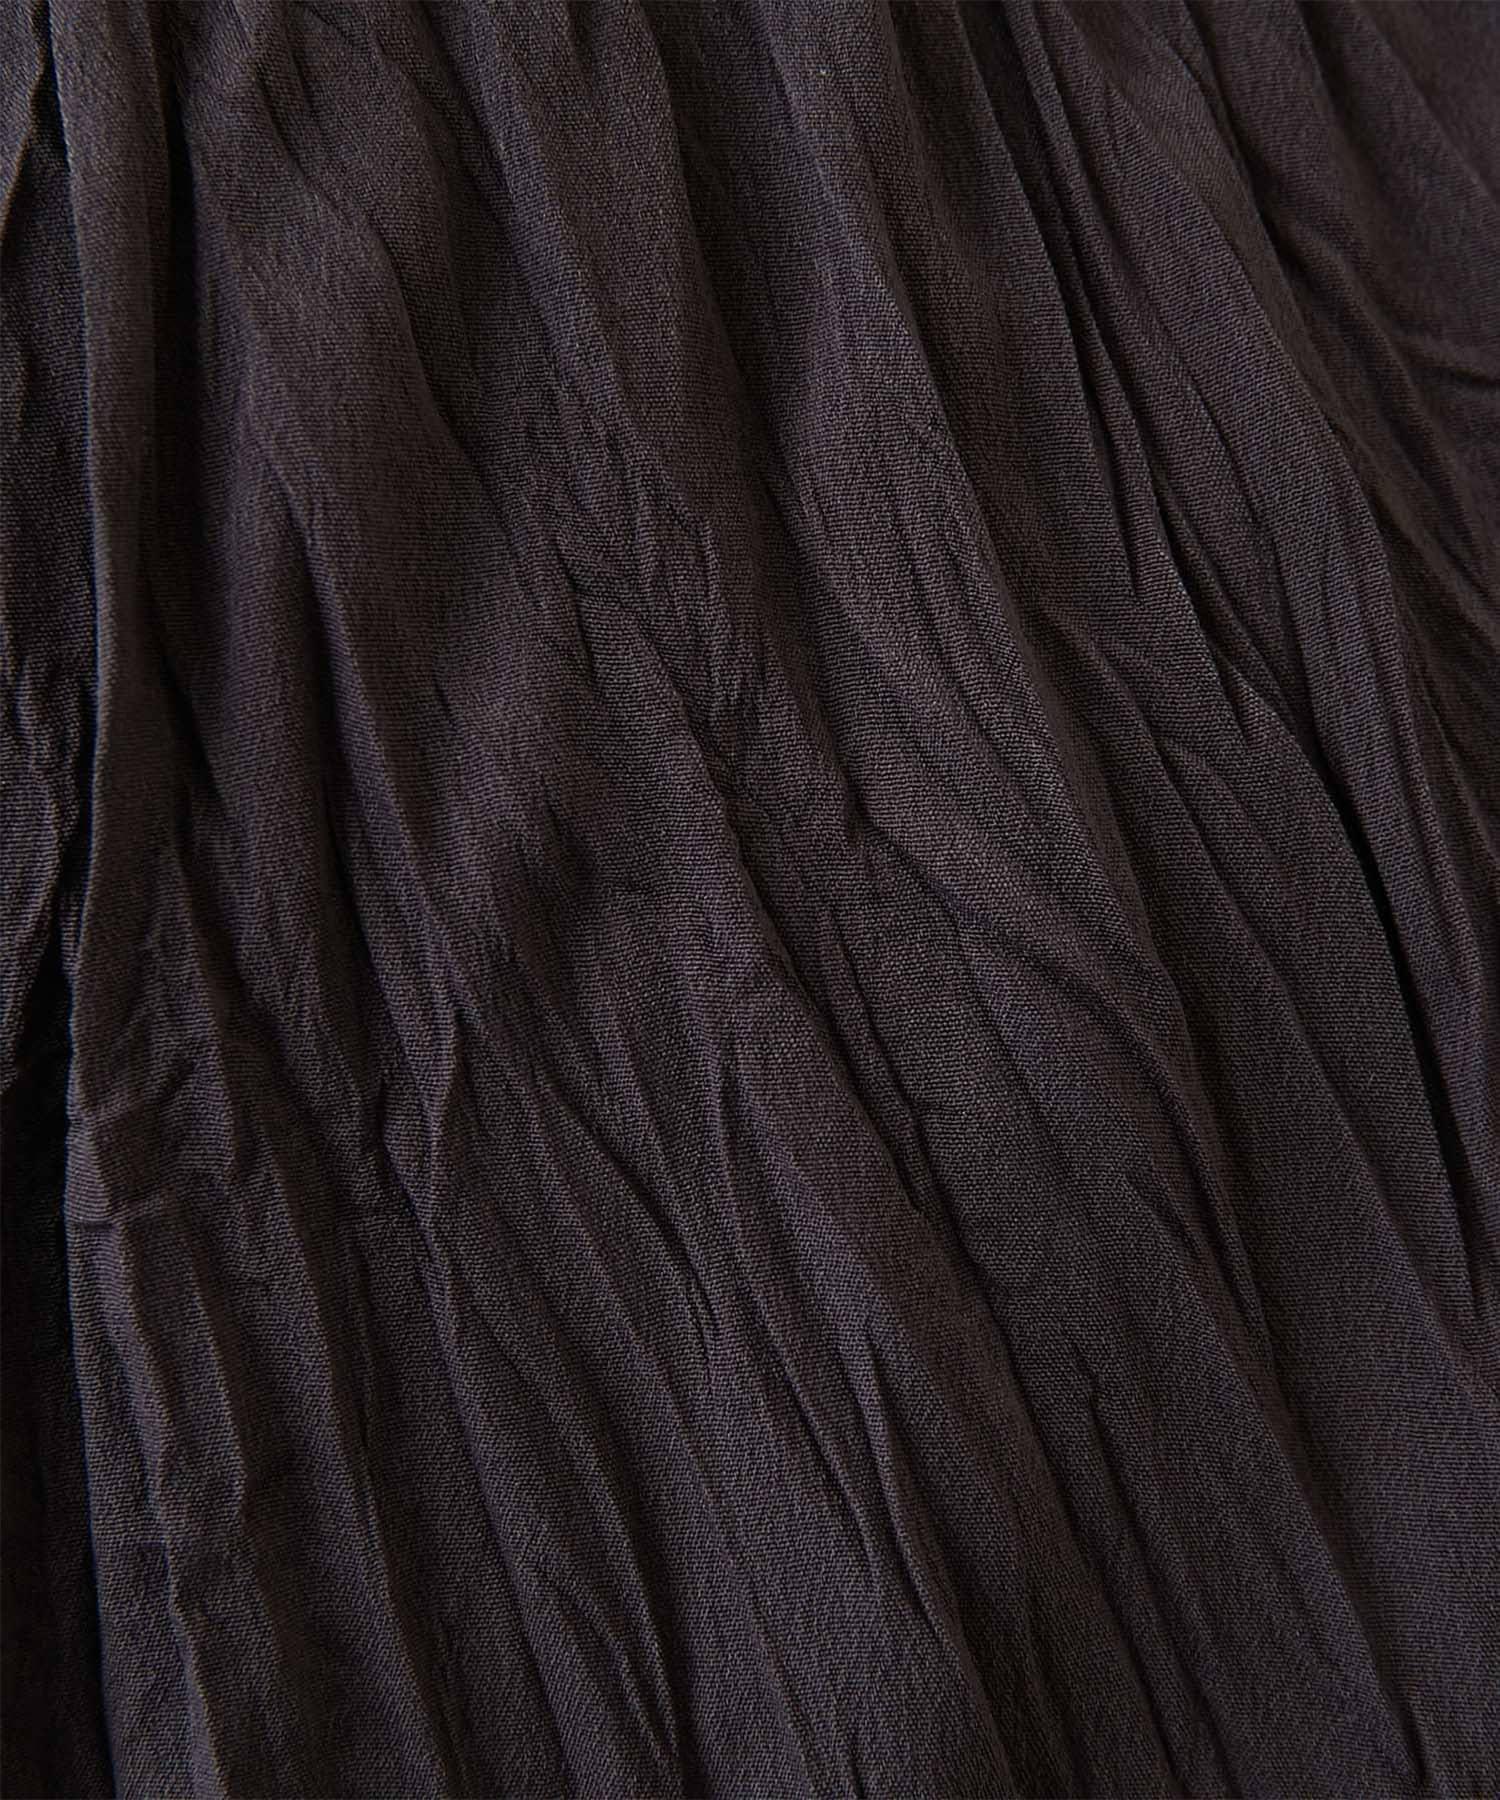 GALLARDAGALANTE(ガリャルダガランテ) ワッシャープリーツパンツ【オンラインストア限定商品】